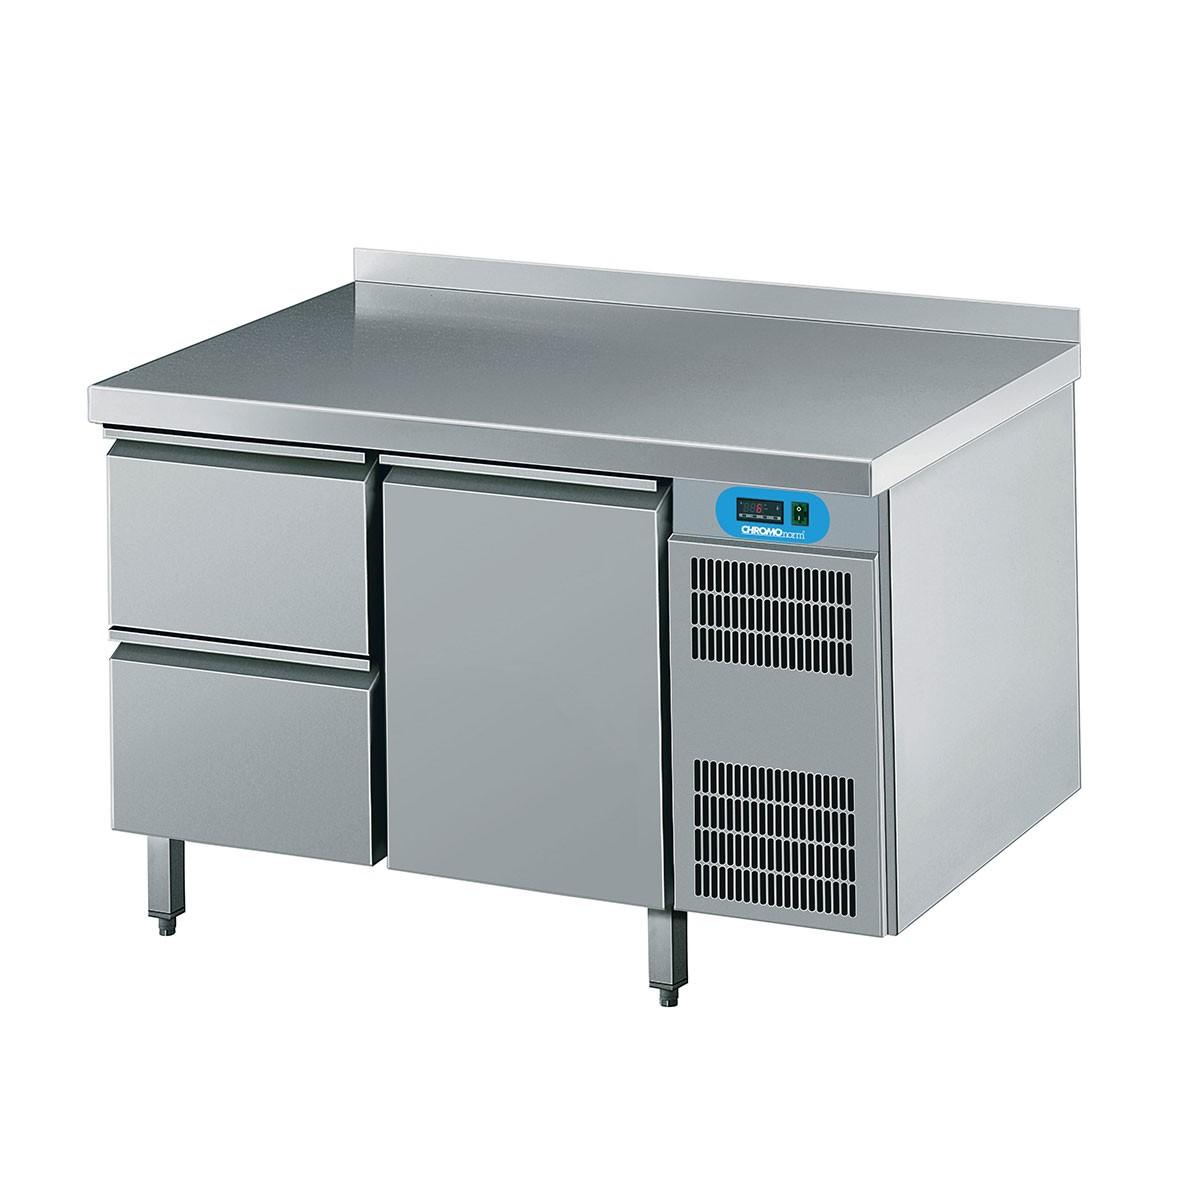 Kühltisch mit 1 Flügeltür und 2 Schubladen 1250 x 700mm CKTEK7211601-2/1 Chromonorm